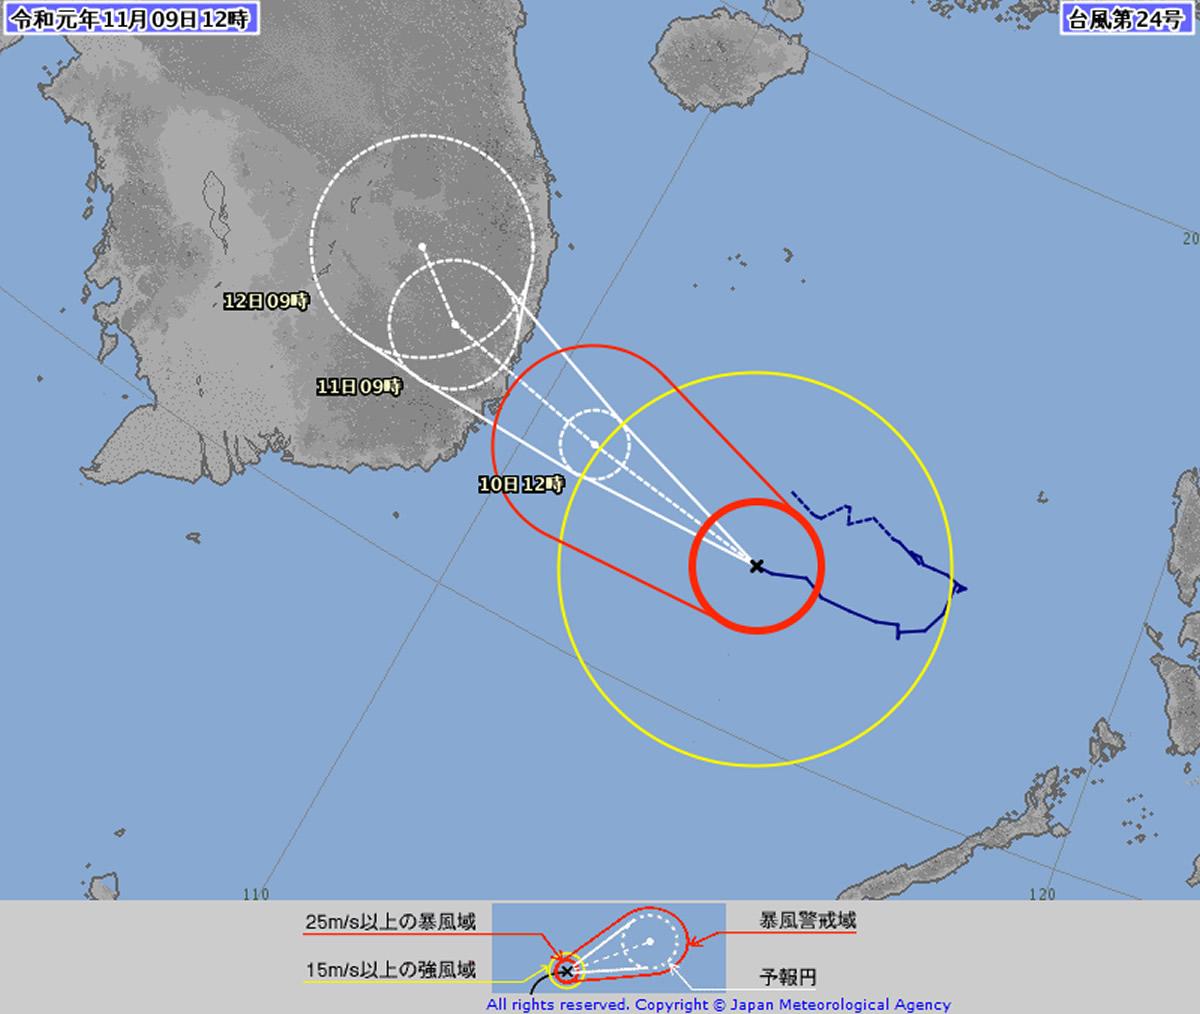 2019年 台風24号(ナクリー)がタイに影響